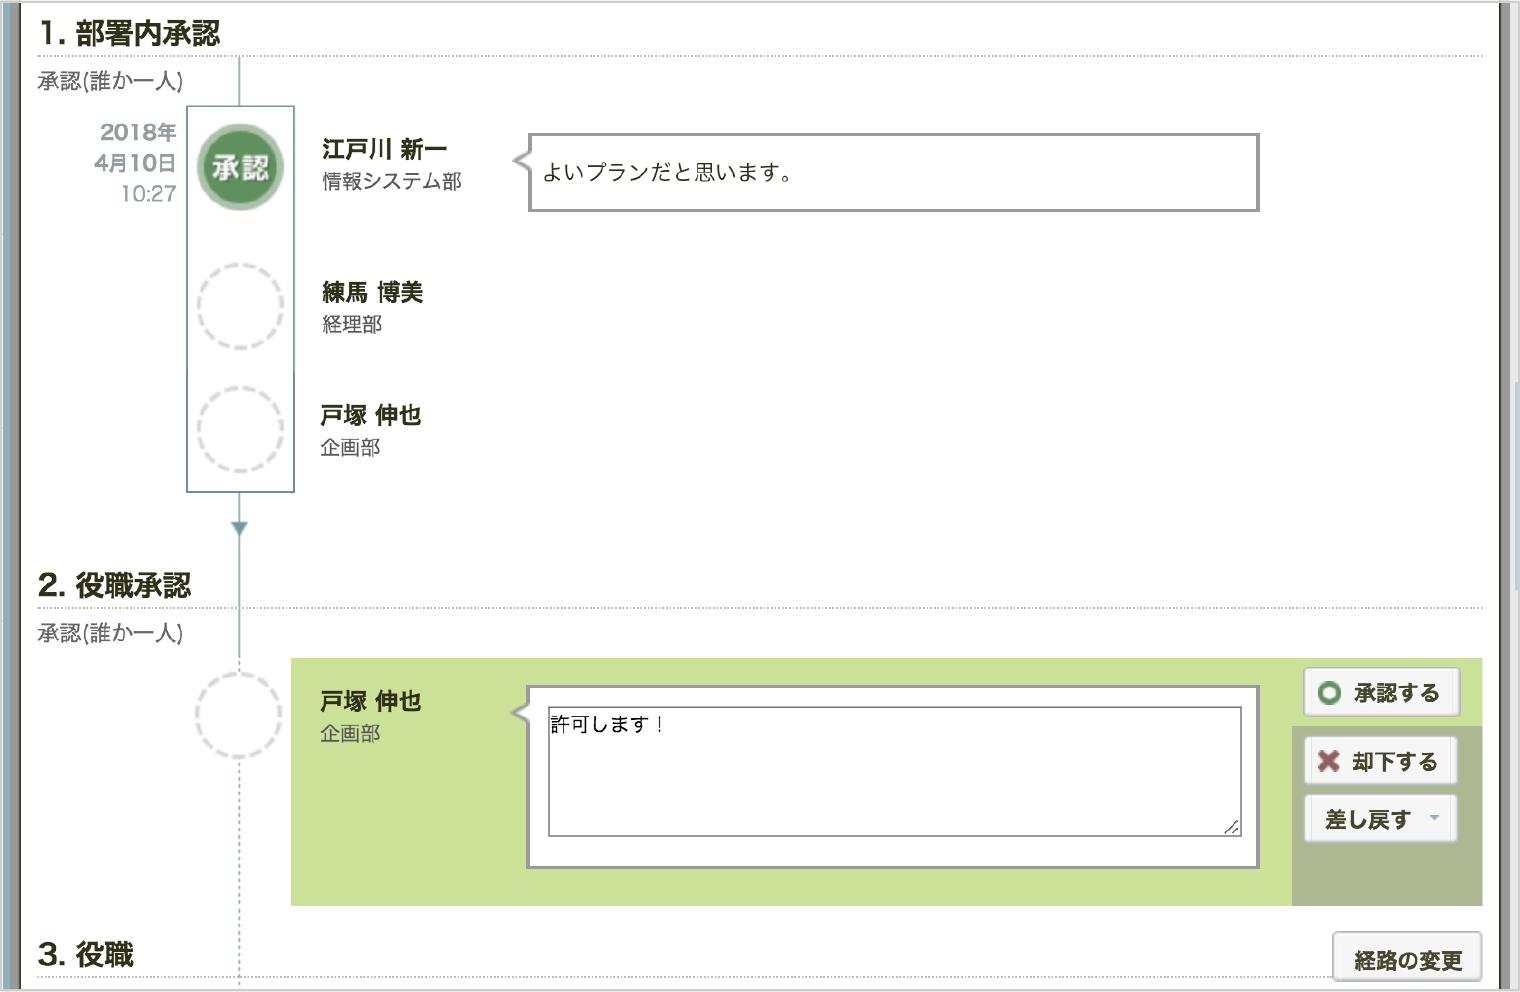 「rakumo ワークフロー」は社内コミュニケーションを活性化するシステム設計です。